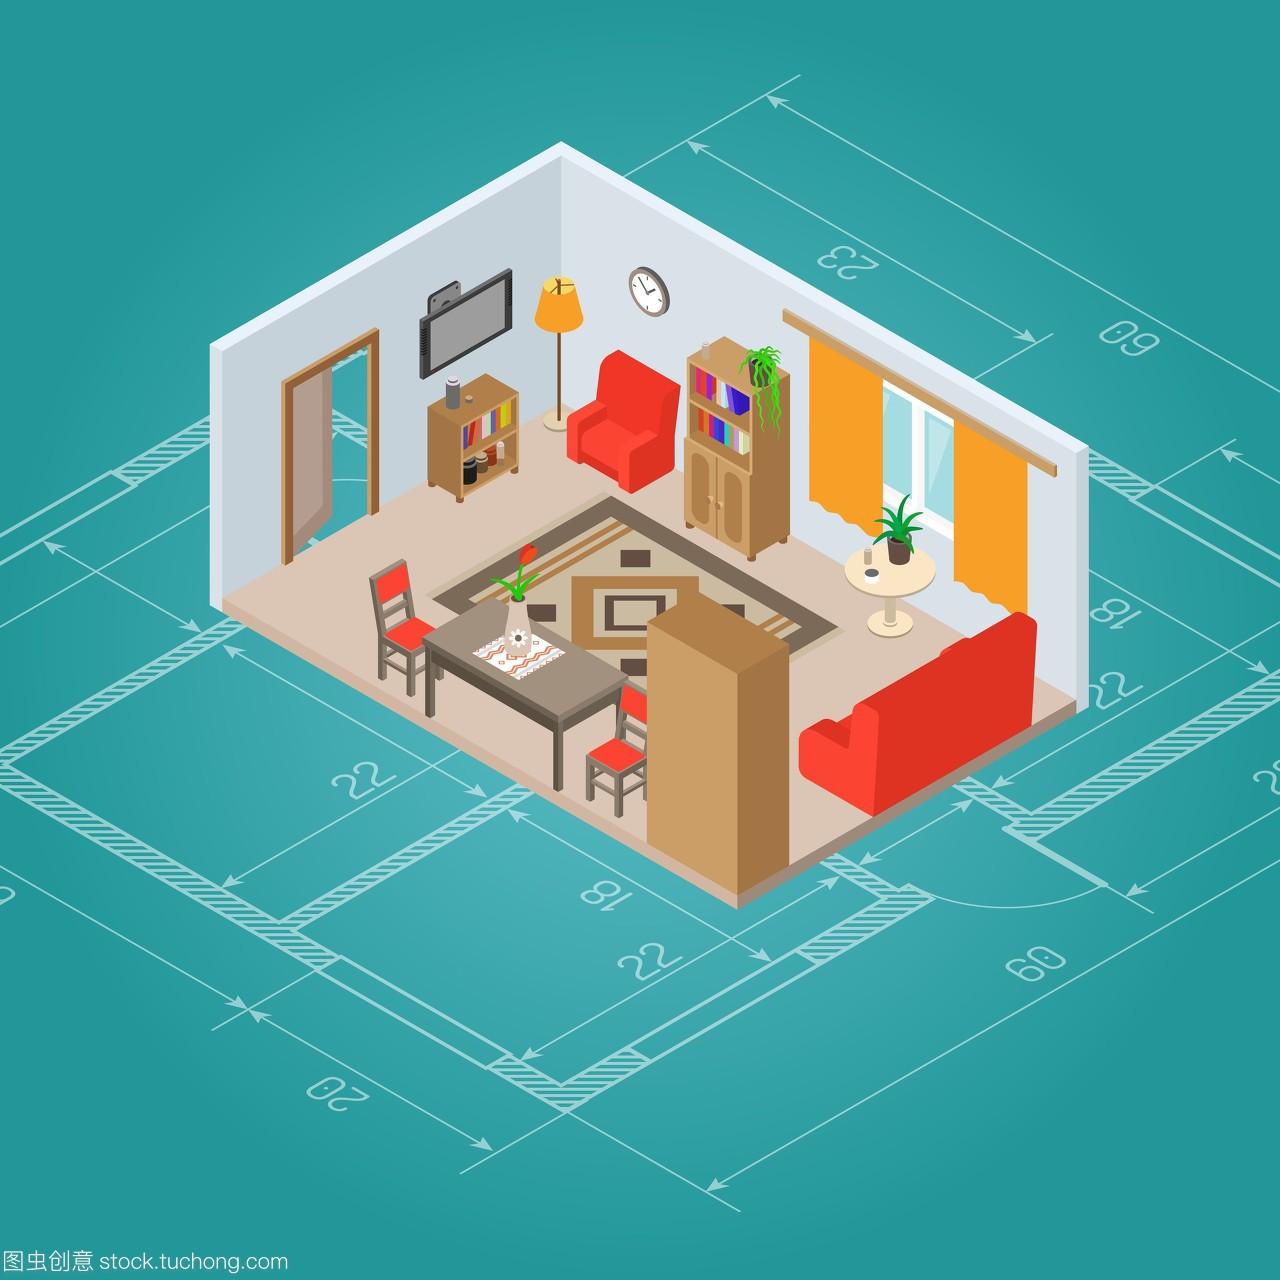 慵懒,椅子,沙发,筹划,策动,策画,筹算,设计,计划,免费筹谋家庭装修效果图图片